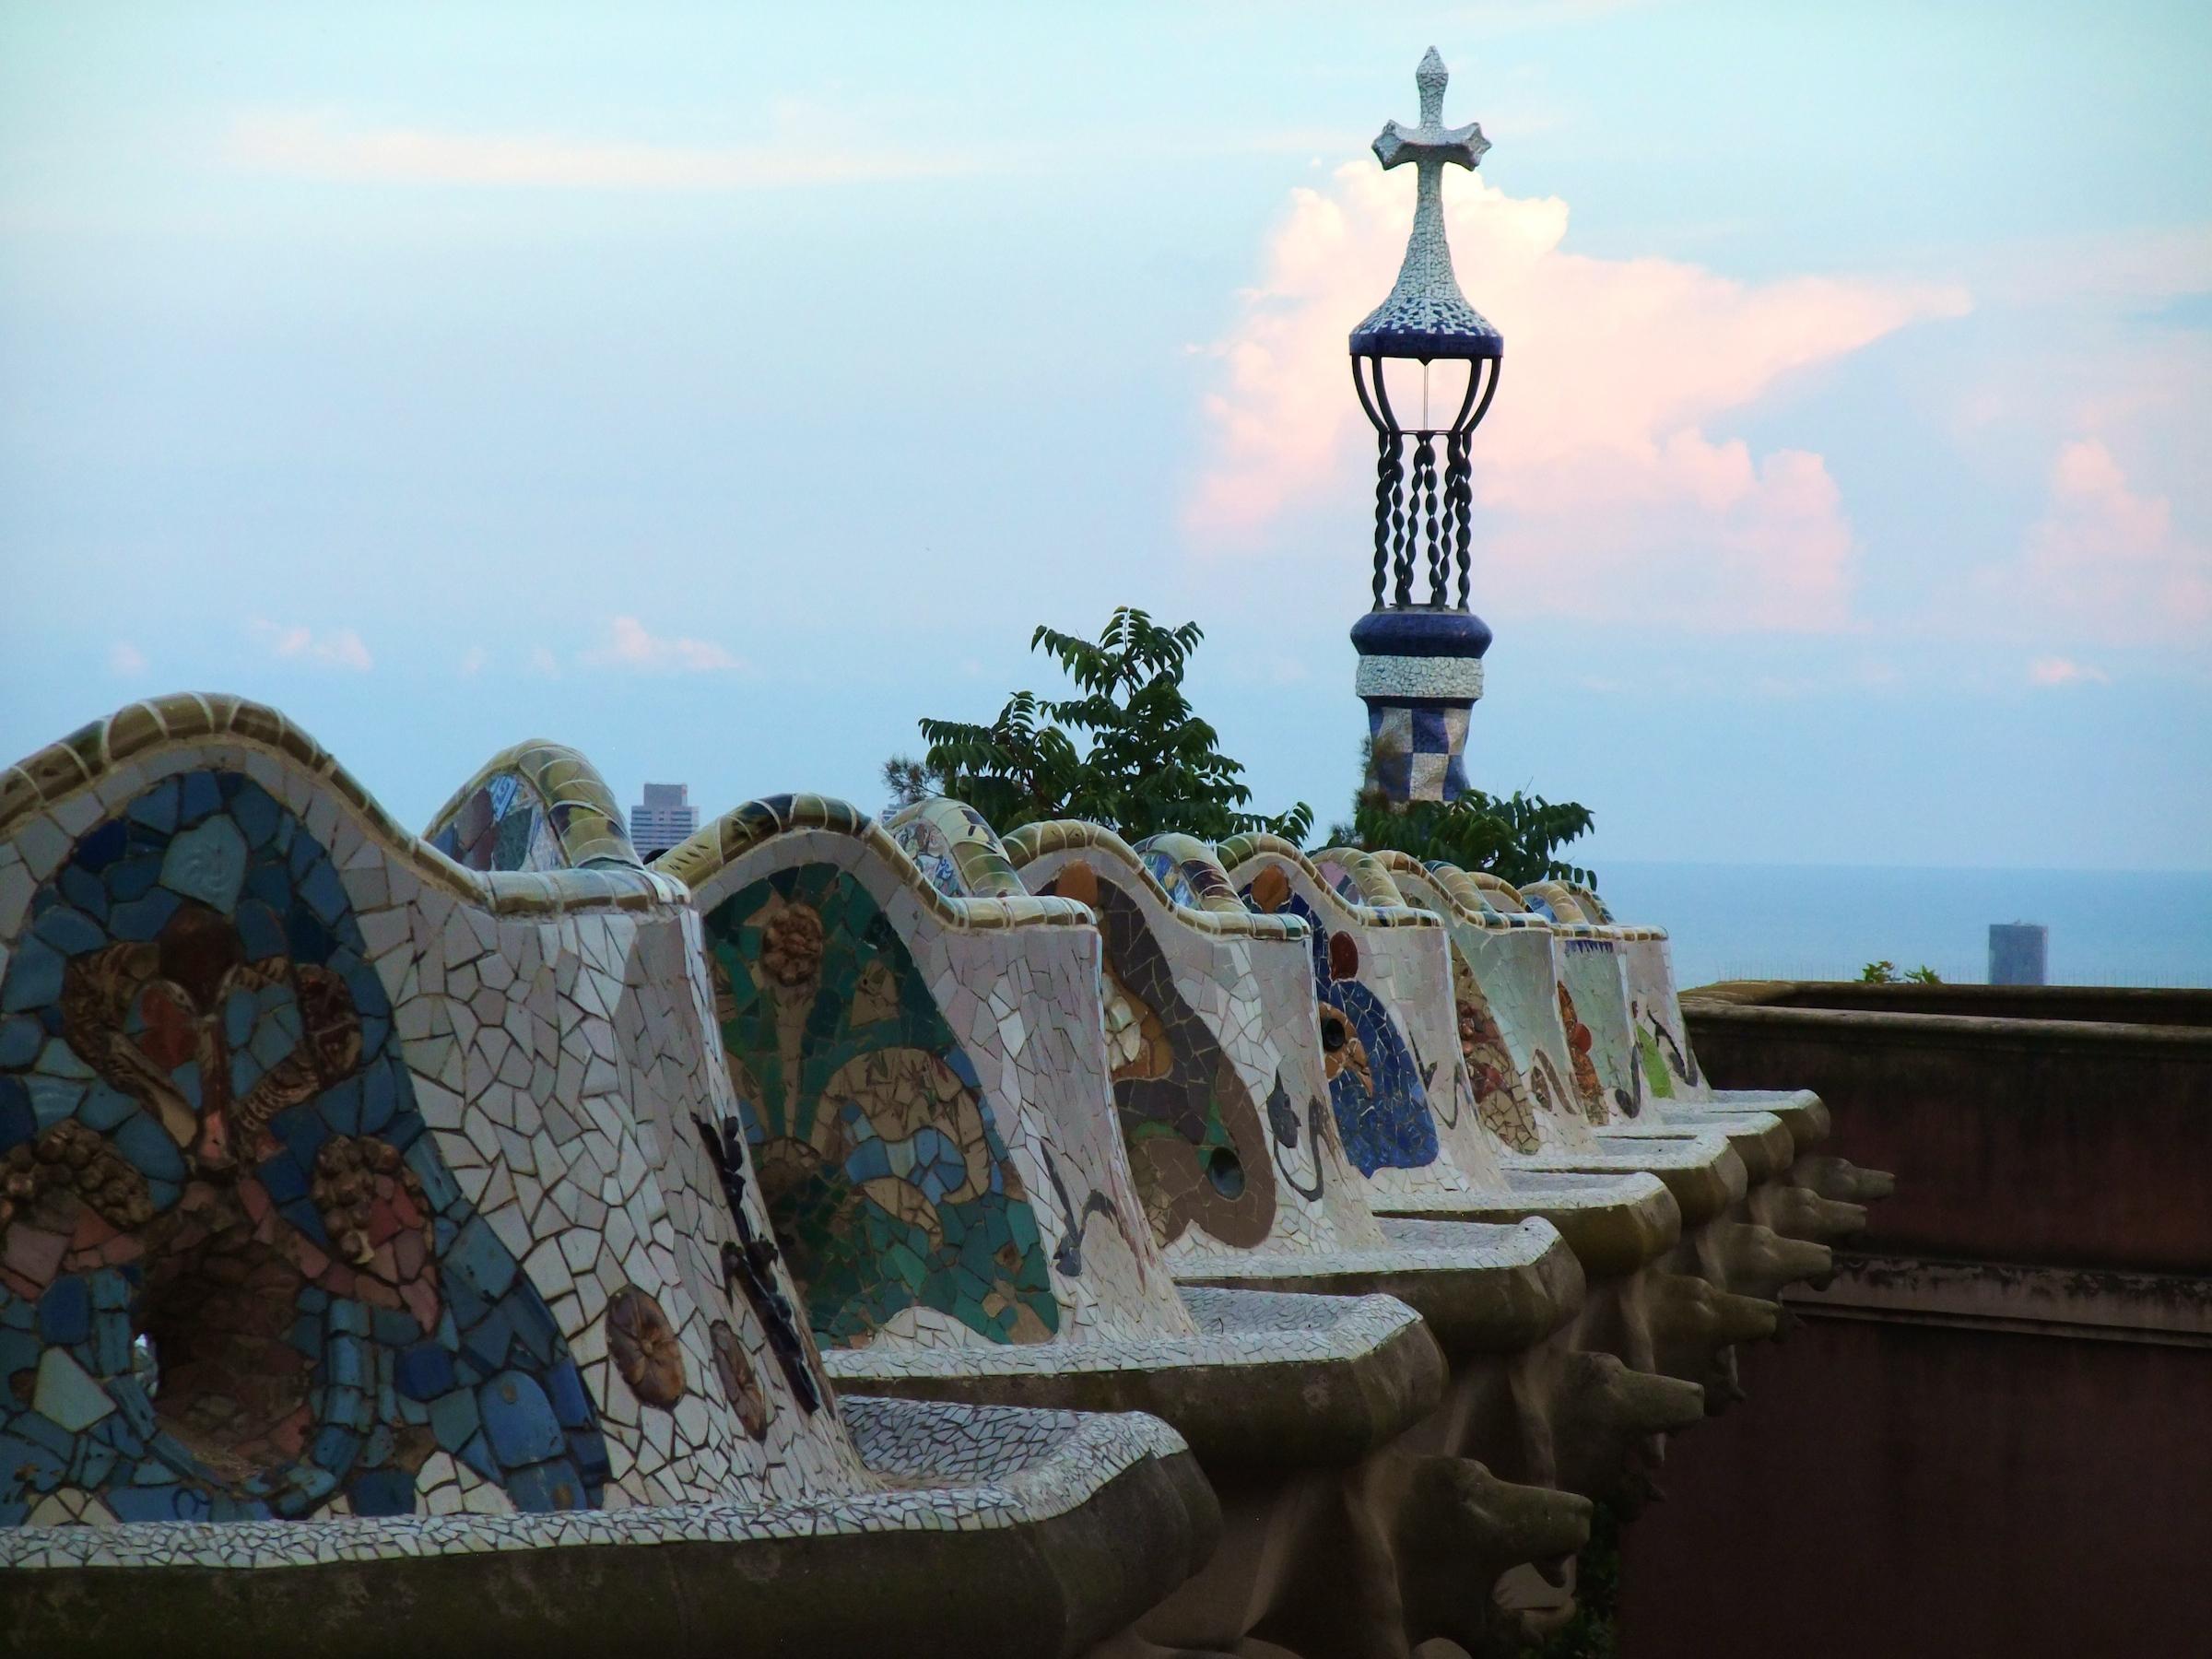 The terrace inside Park Güell